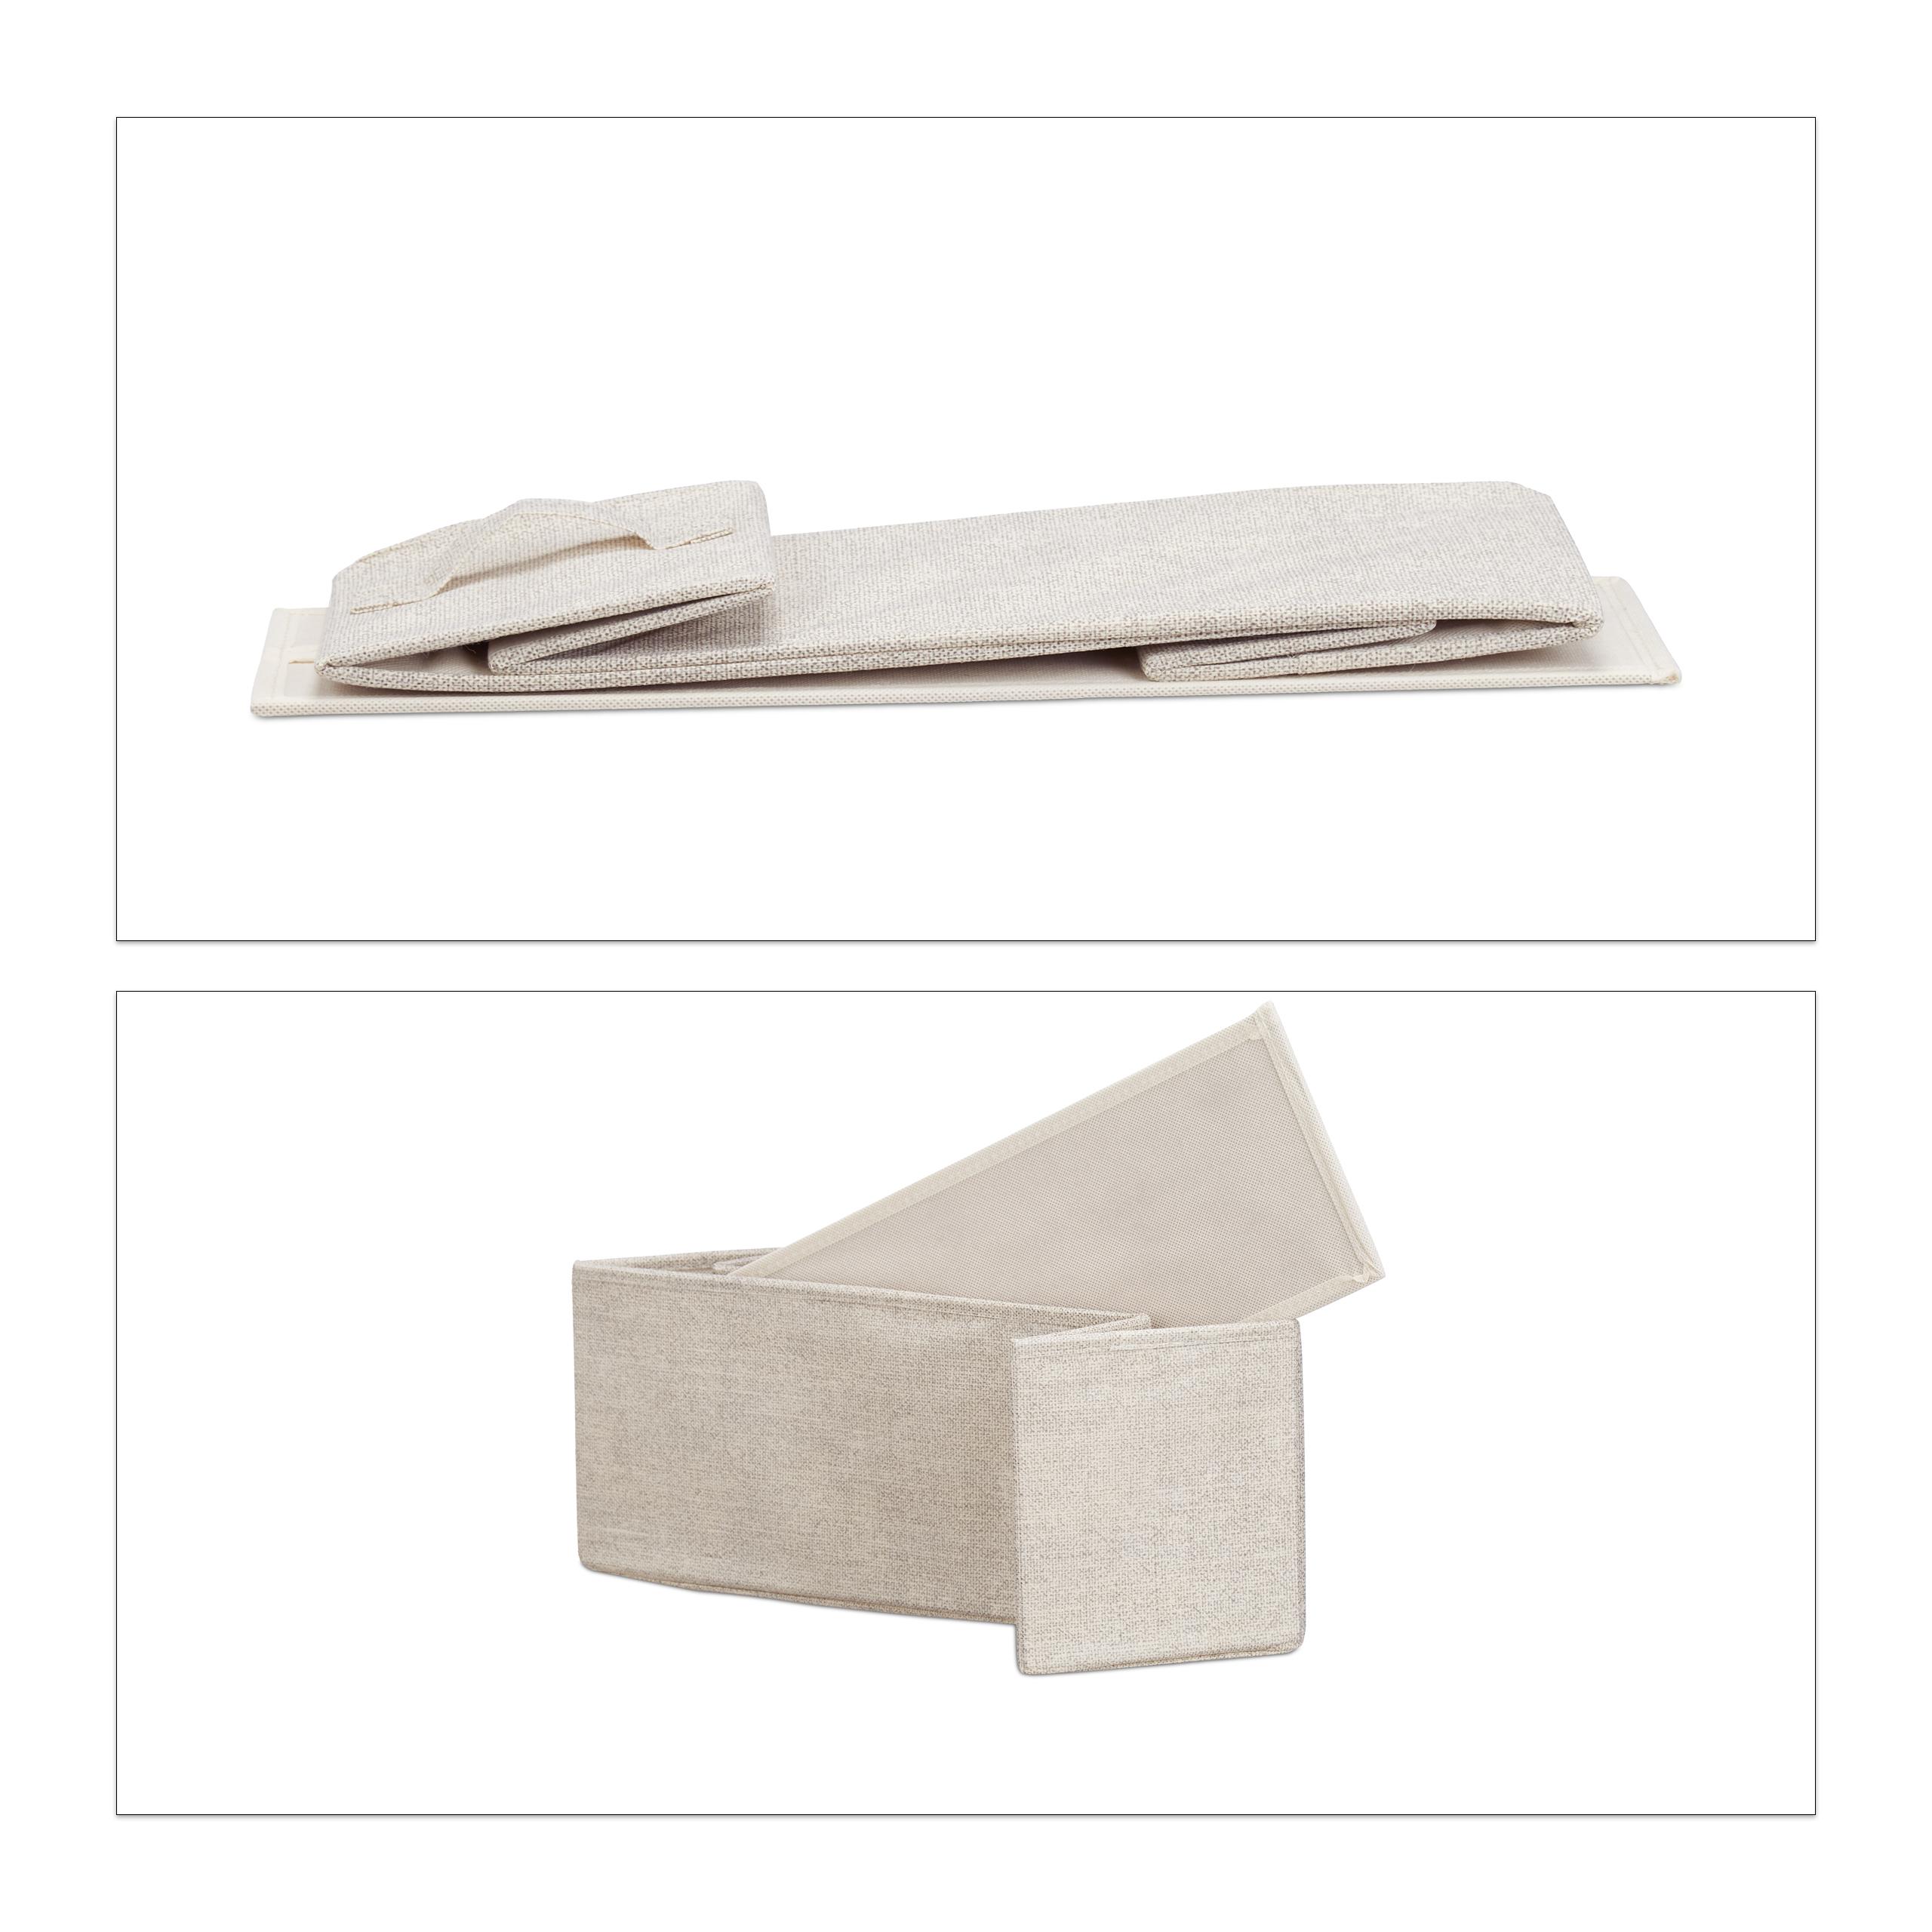 Standregal Schubladenbox Regal Kommode Regalsystem Metall Schubladen Beige